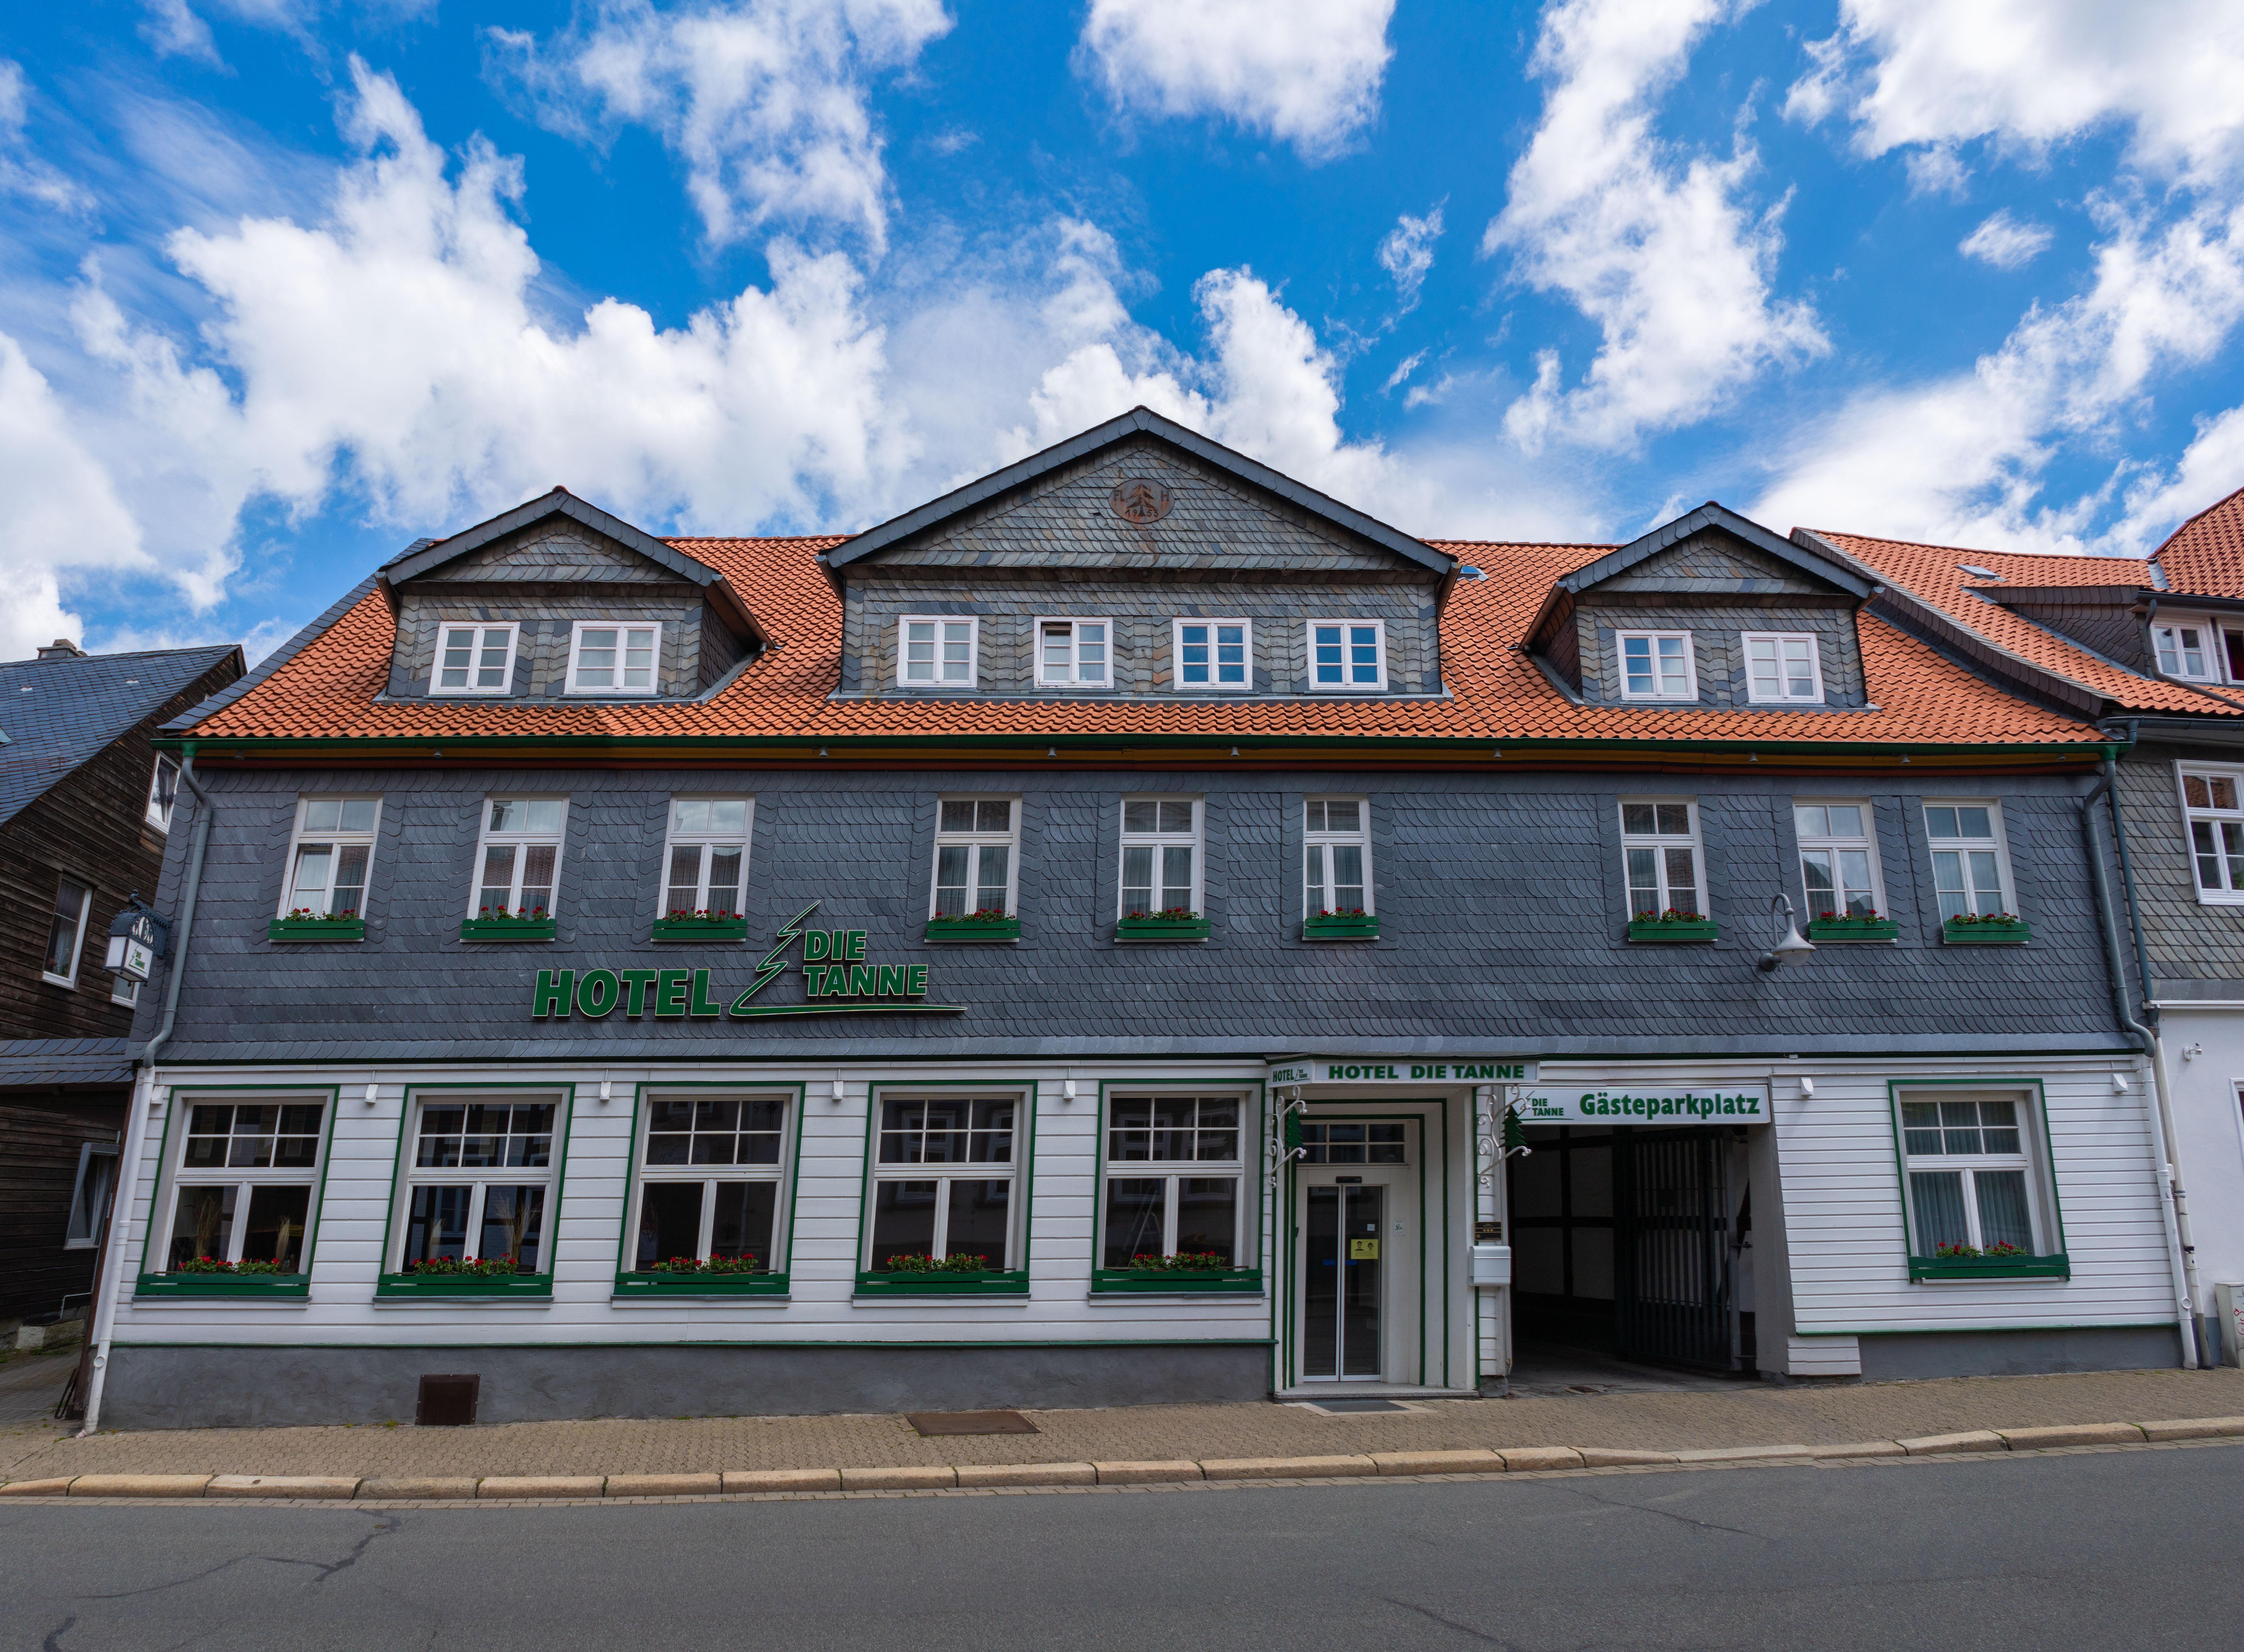 hotel die tanne in goslar holidaycheck niedersachsen. Black Bedroom Furniture Sets. Home Design Ideas